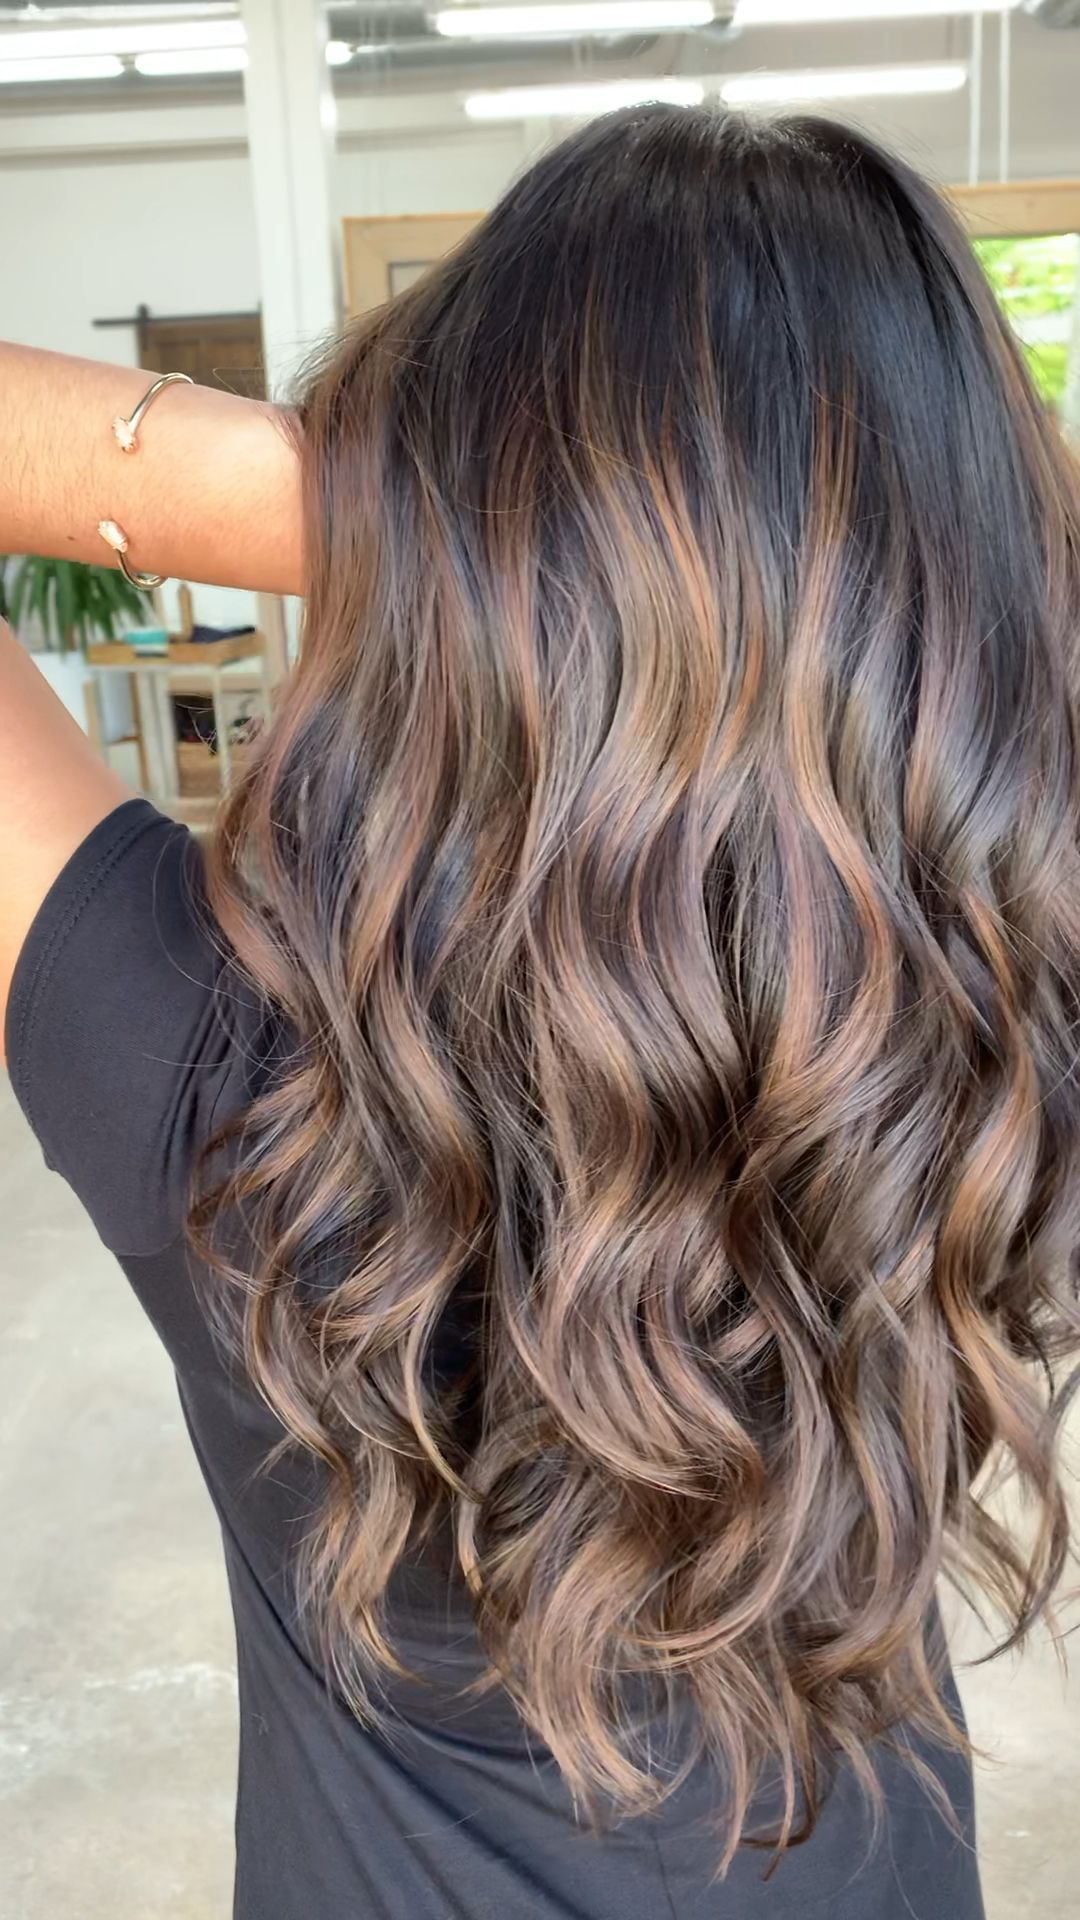 Photo of 33 Ideen Haarfarbe Ideen für Brünette mit schlechten roten Haarschnitten #ideen #haarfarbe #brünette #schlechten #roten #haarschnitten